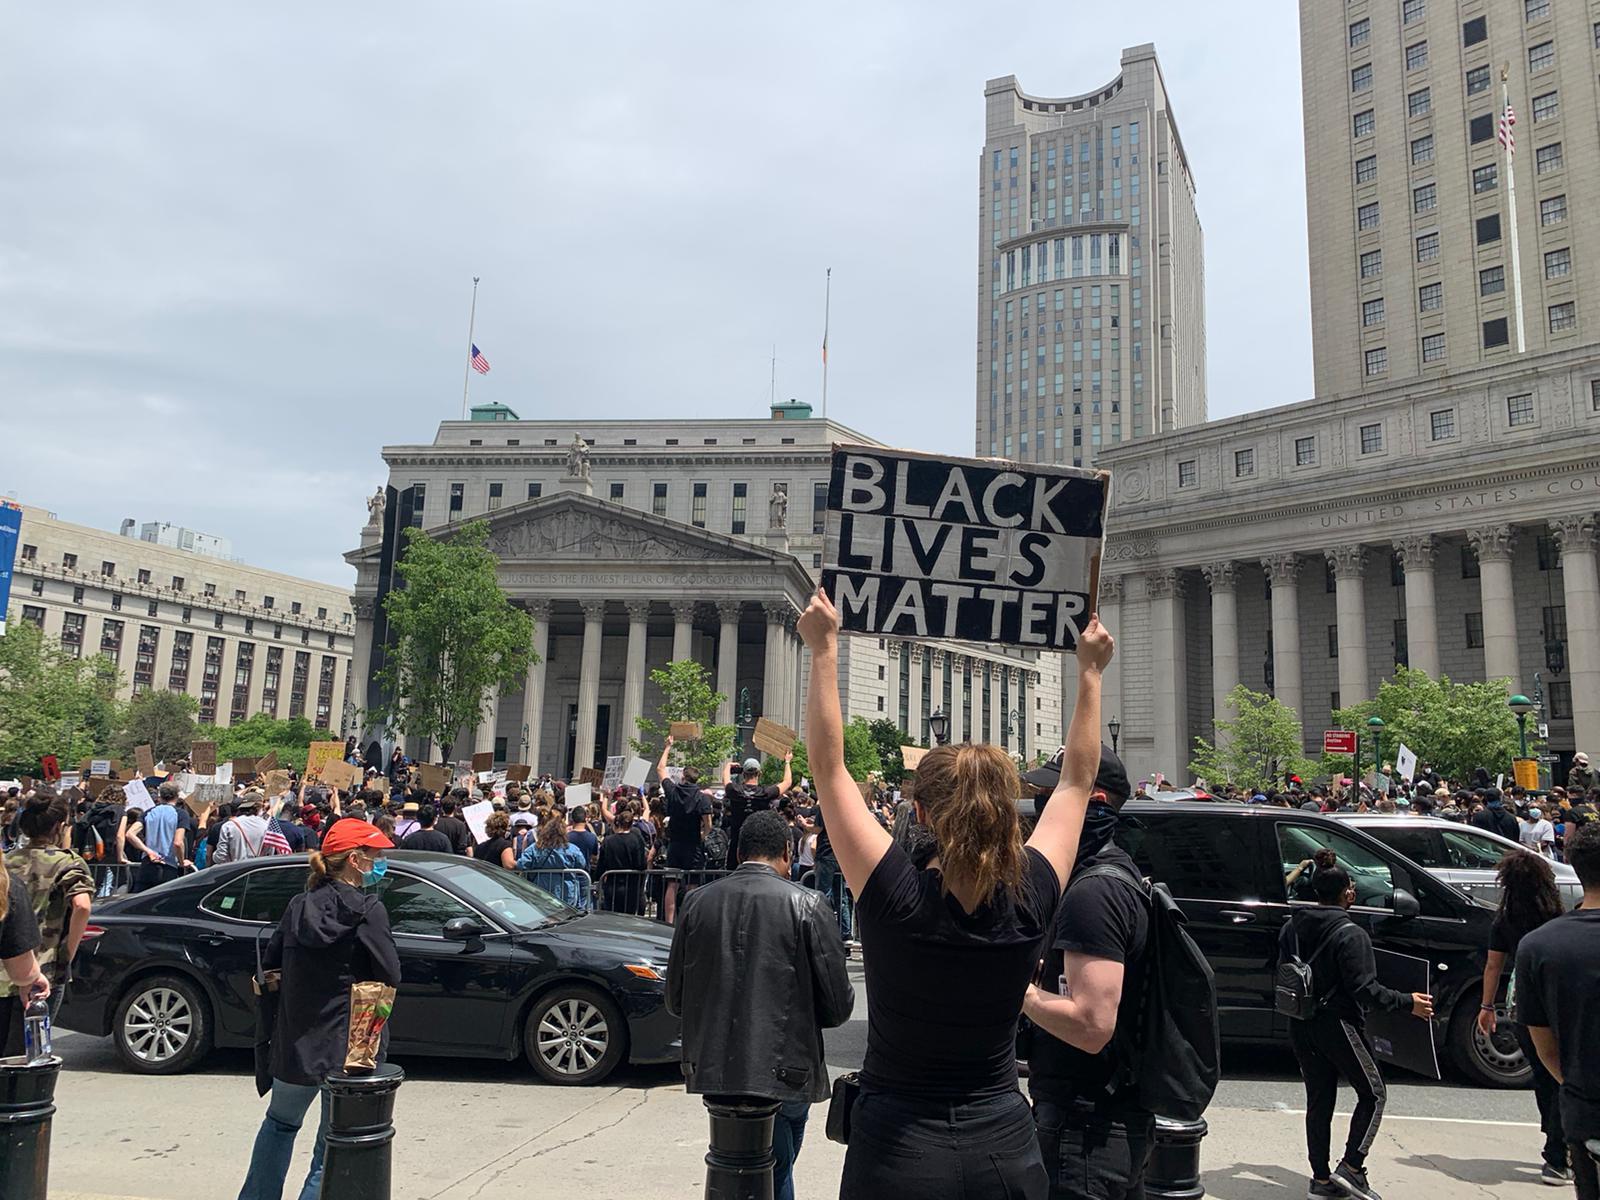 """Manifestação batizada de 'A Vigil and March for Black Lives"""" (Uma vigília e marcha pelas Vidas Negras) em Nova York (EUA), nesta terça-feira, 2/6: sétimo dia consecutivo de protestos contra a violência racial e homenagens às vítimas (Foto: Viviane Faver)"""